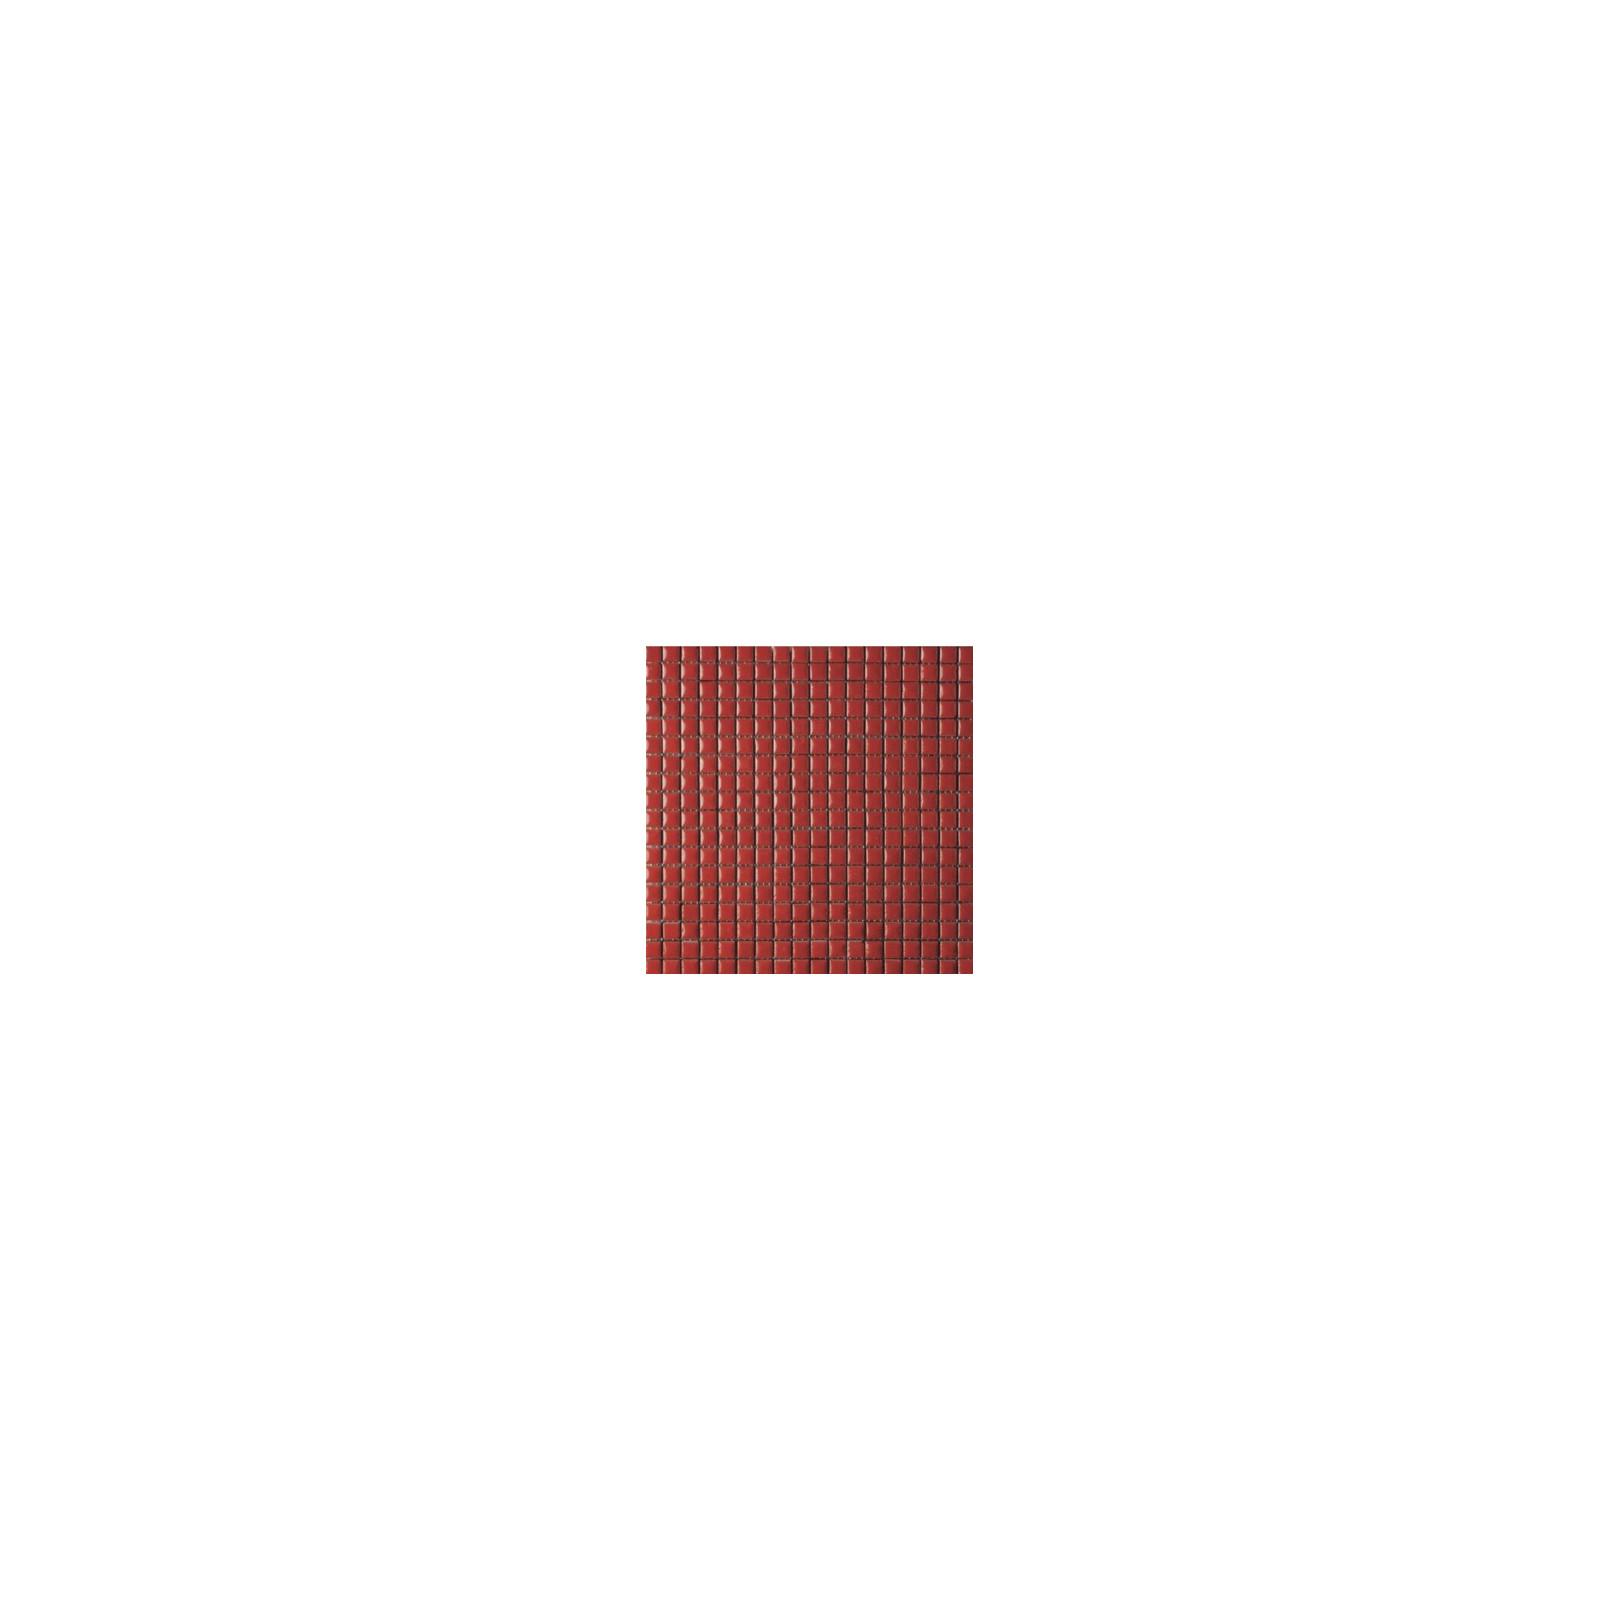 Mosaïque lave émaillée Rosso, 1,5x1,5cm sur trame 29,6x29,6cm